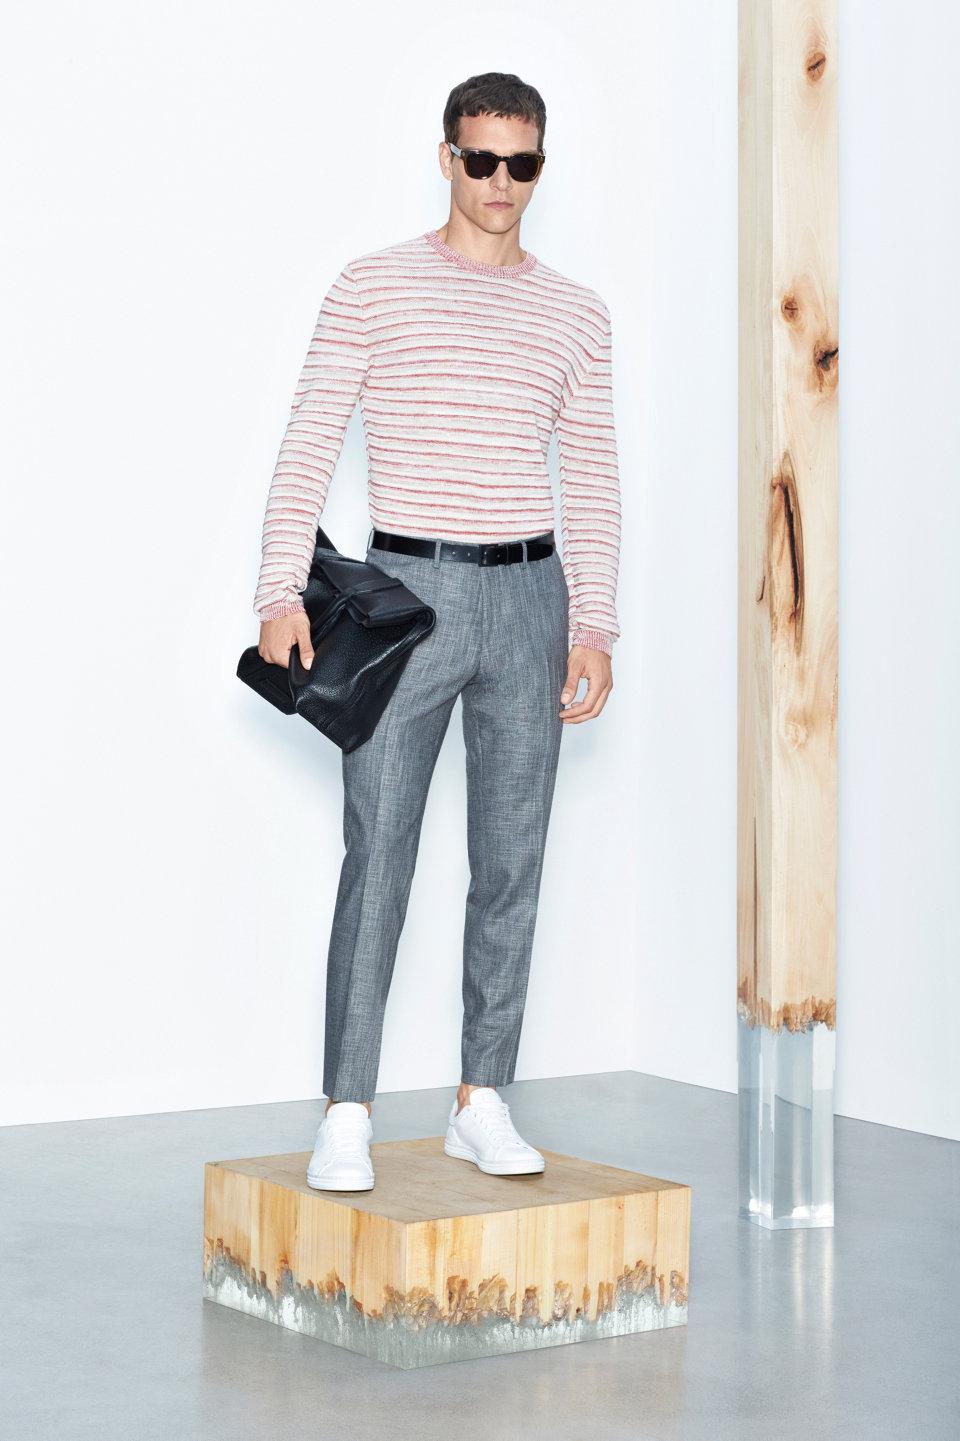 Gestreifter Pullover, graue Hose und weiße Sneakers vonBOSS